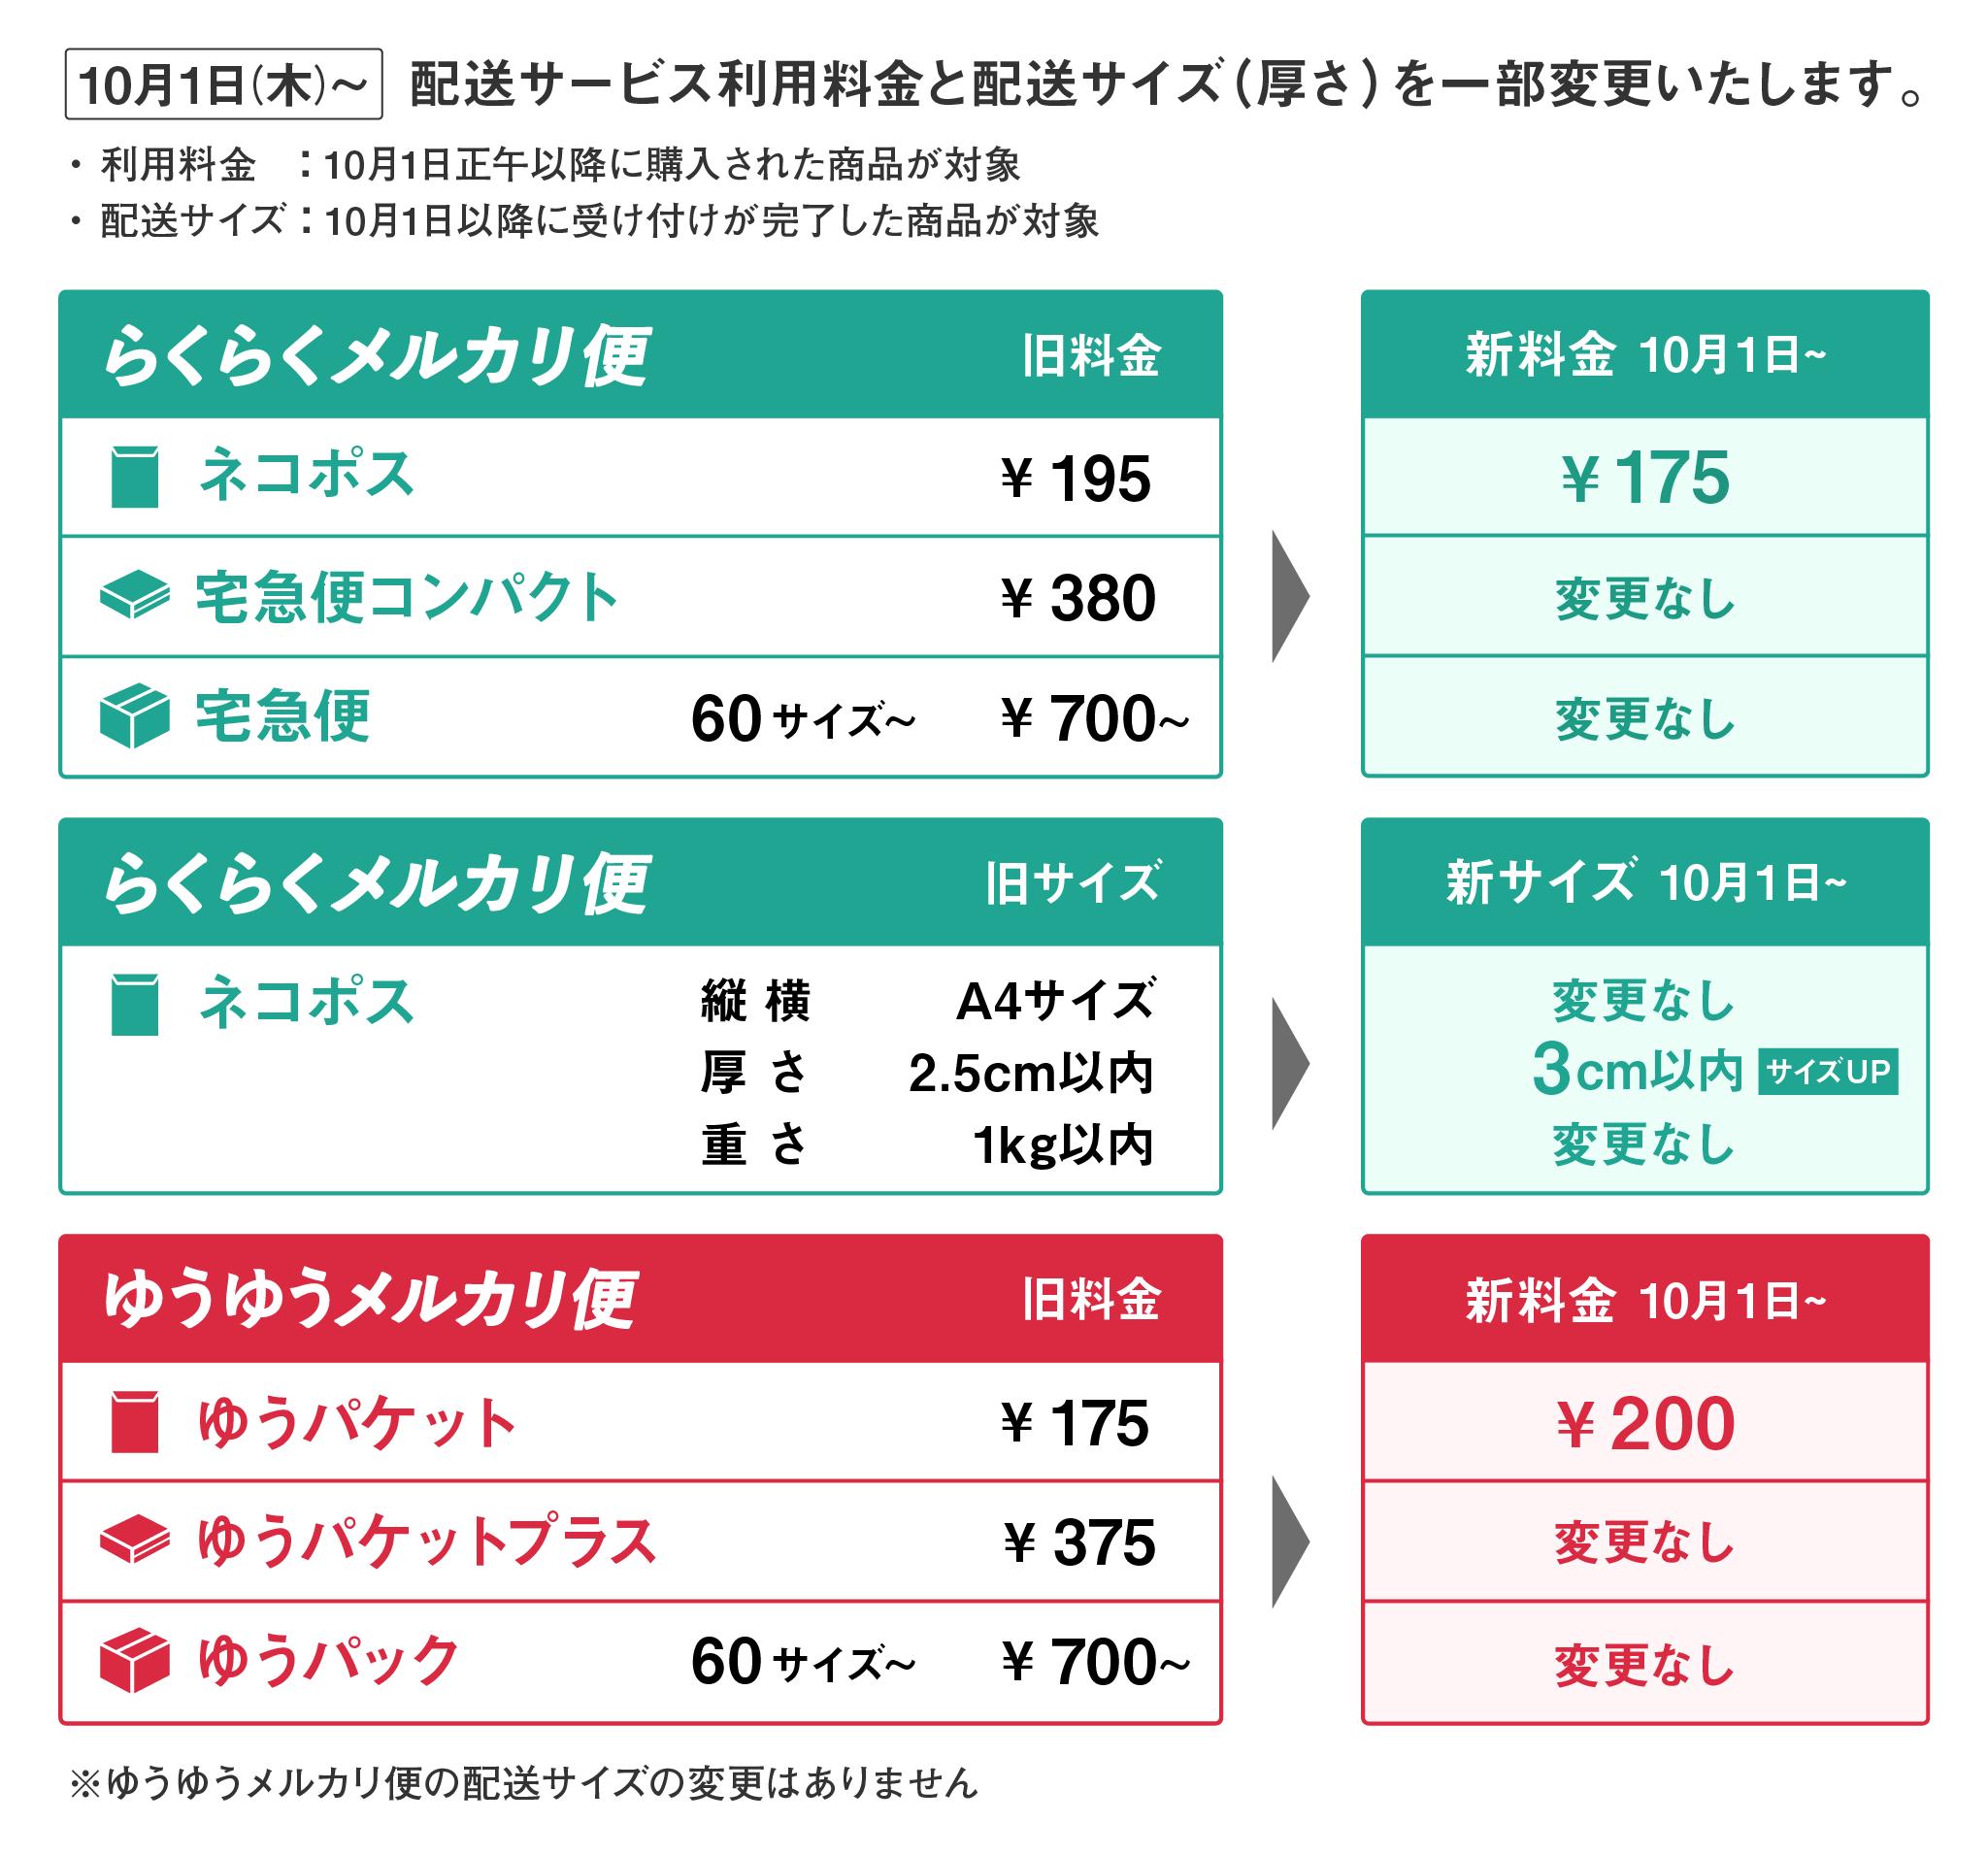 【10/1(木) より】メルカリ便(ネコポス・ゆうパケット)の配送サービス利用料及びネコポス取り扱いサイズ(厚さ)を変更いたします